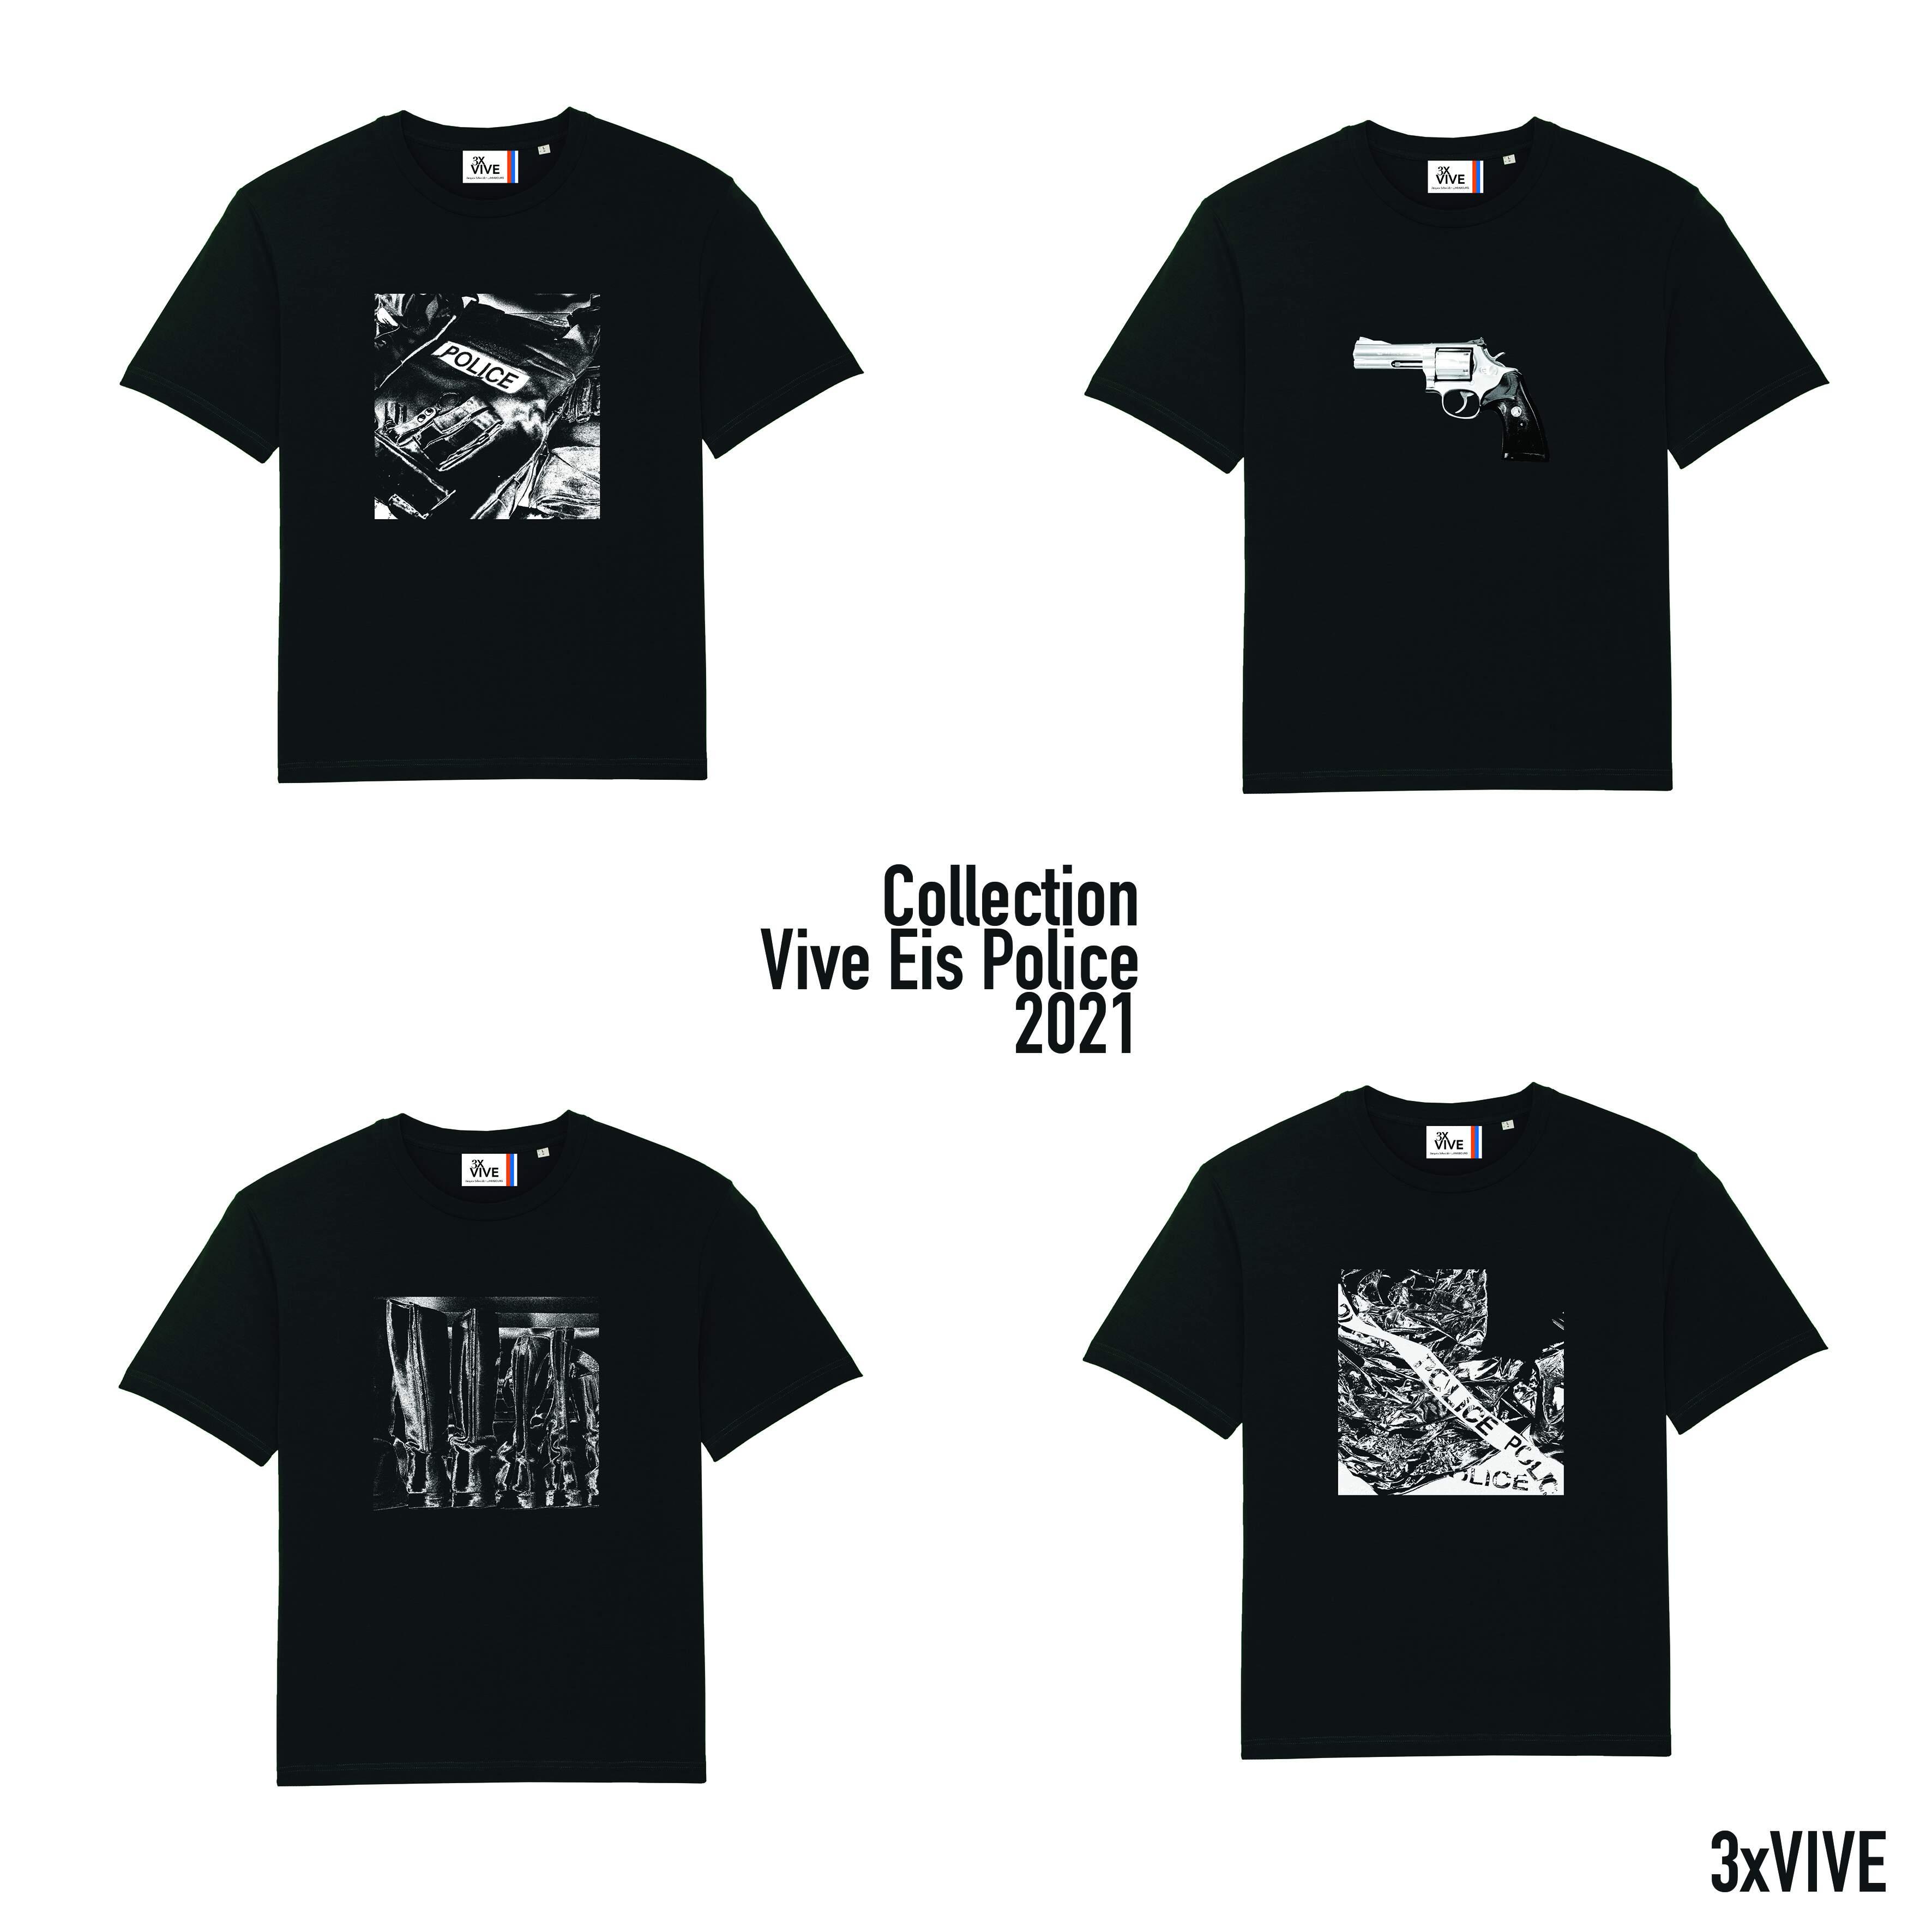 Collection Vive Eis Police lot de 4 T-shirts